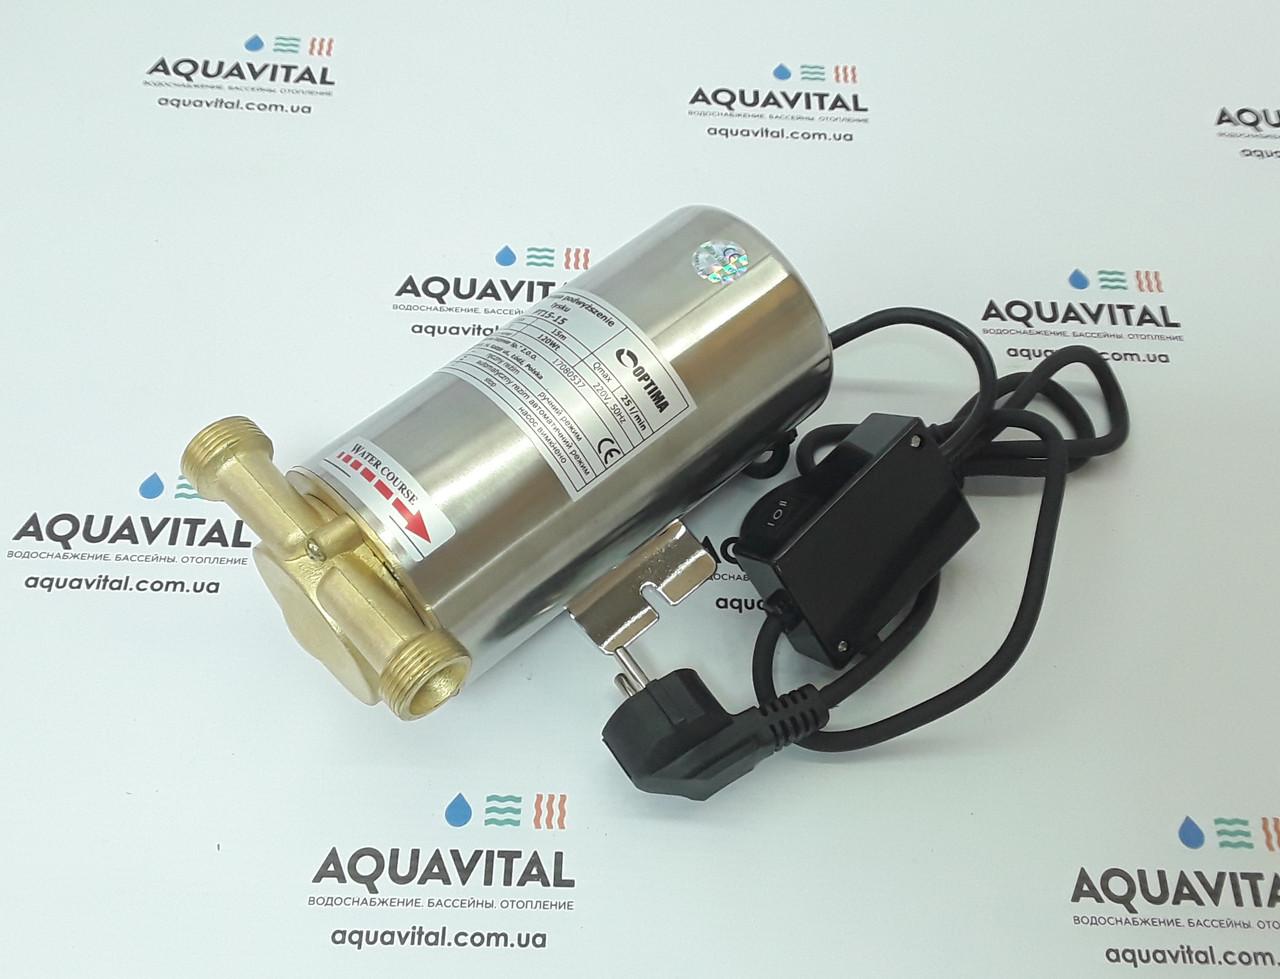 Купить насос для повышения давления воды в днепропетровске — img 4